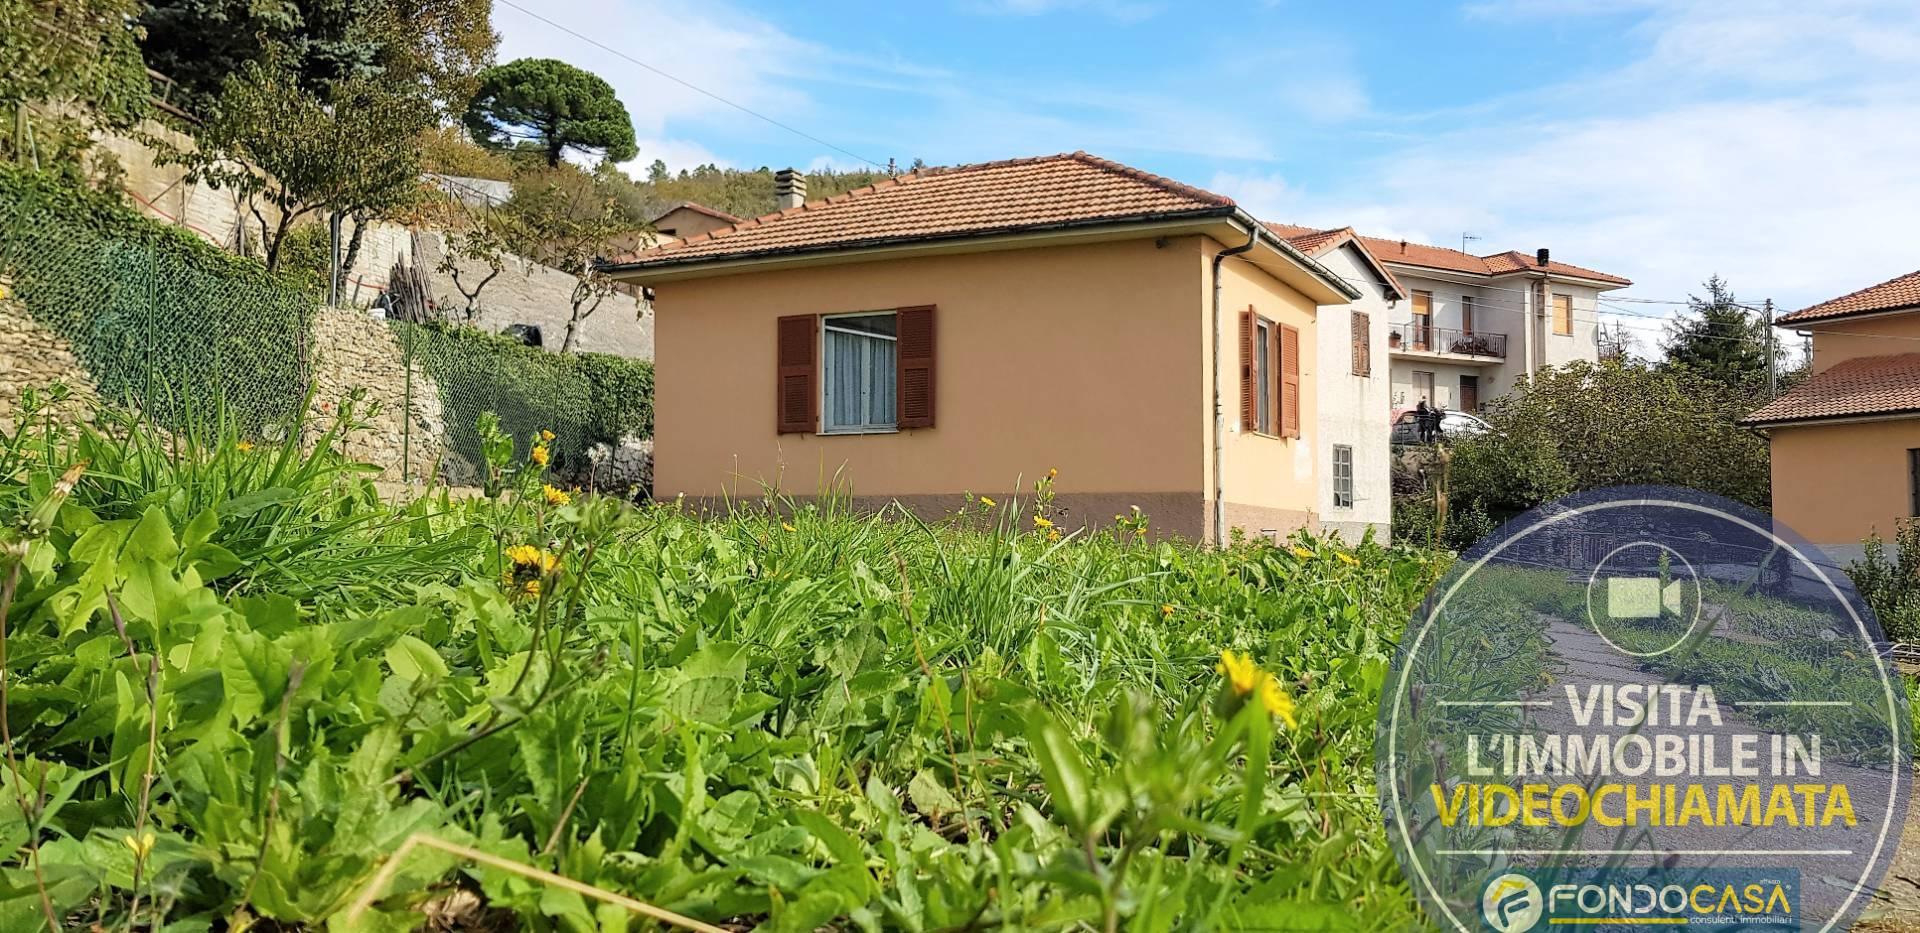 Soluzione Indipendente in vendita a Onzo, 3 locali, prezzo € 85.000   CambioCasa.it